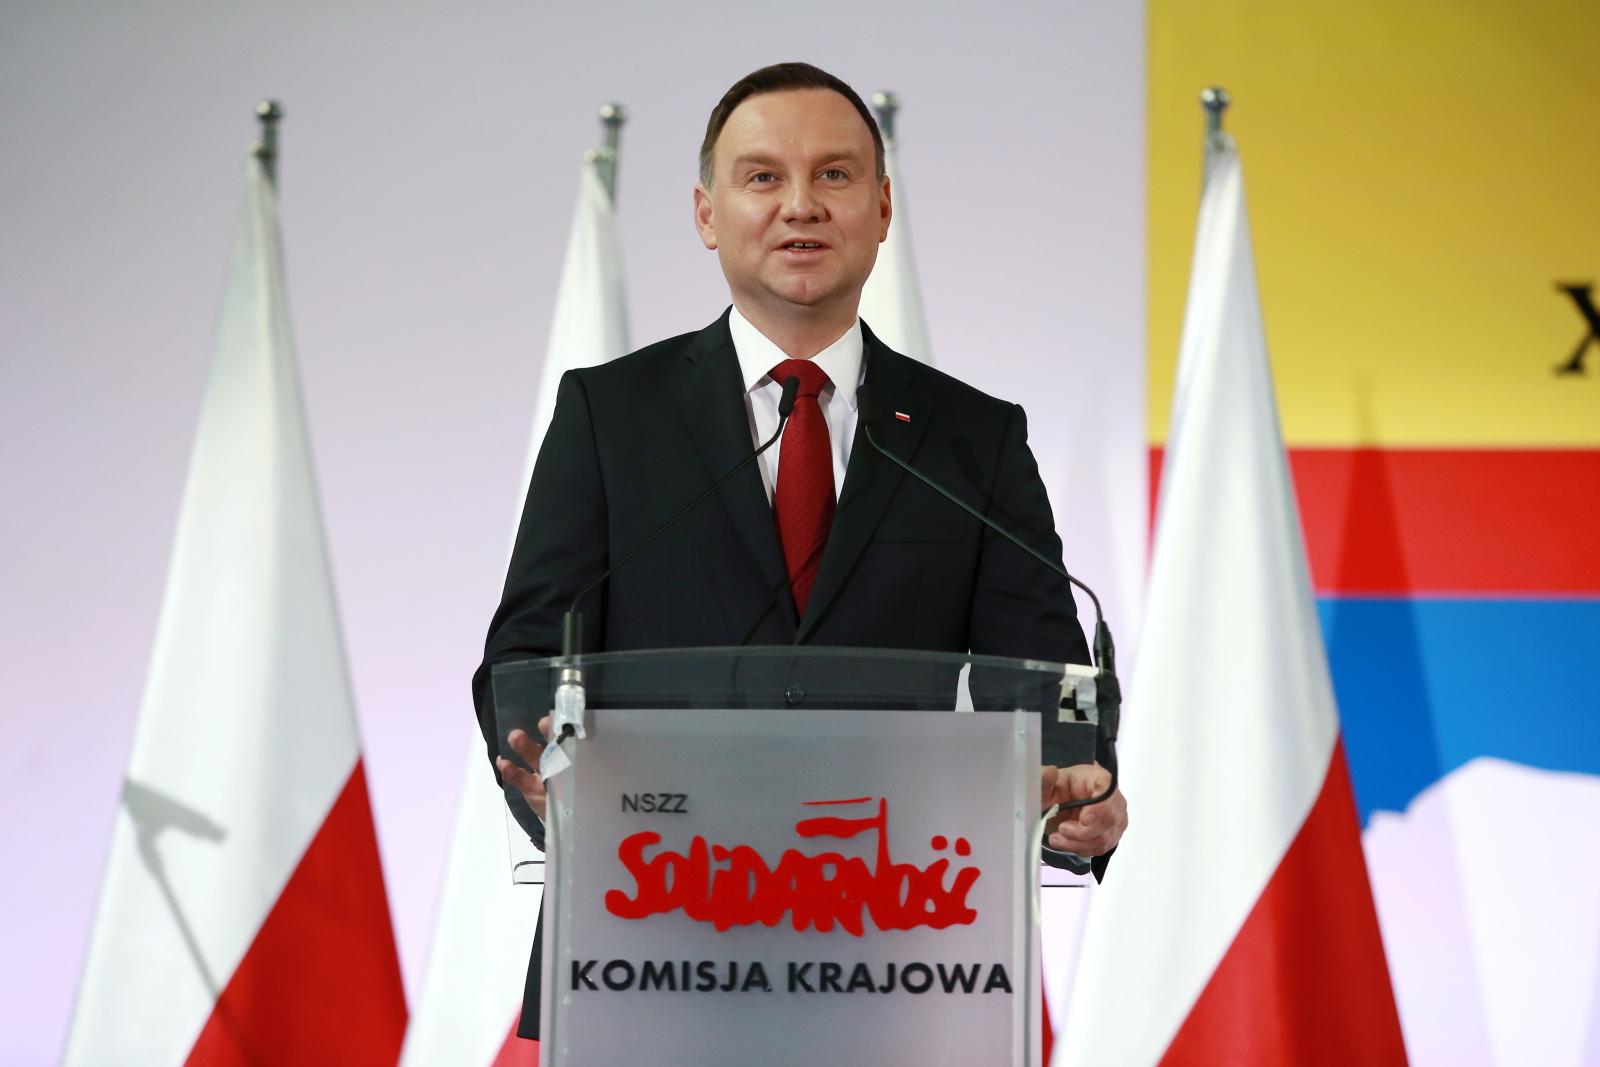 Prezydent Andrzej Duda przemawia podczas XXVIII Krajowego Zjazdu Delegatów NSZZ